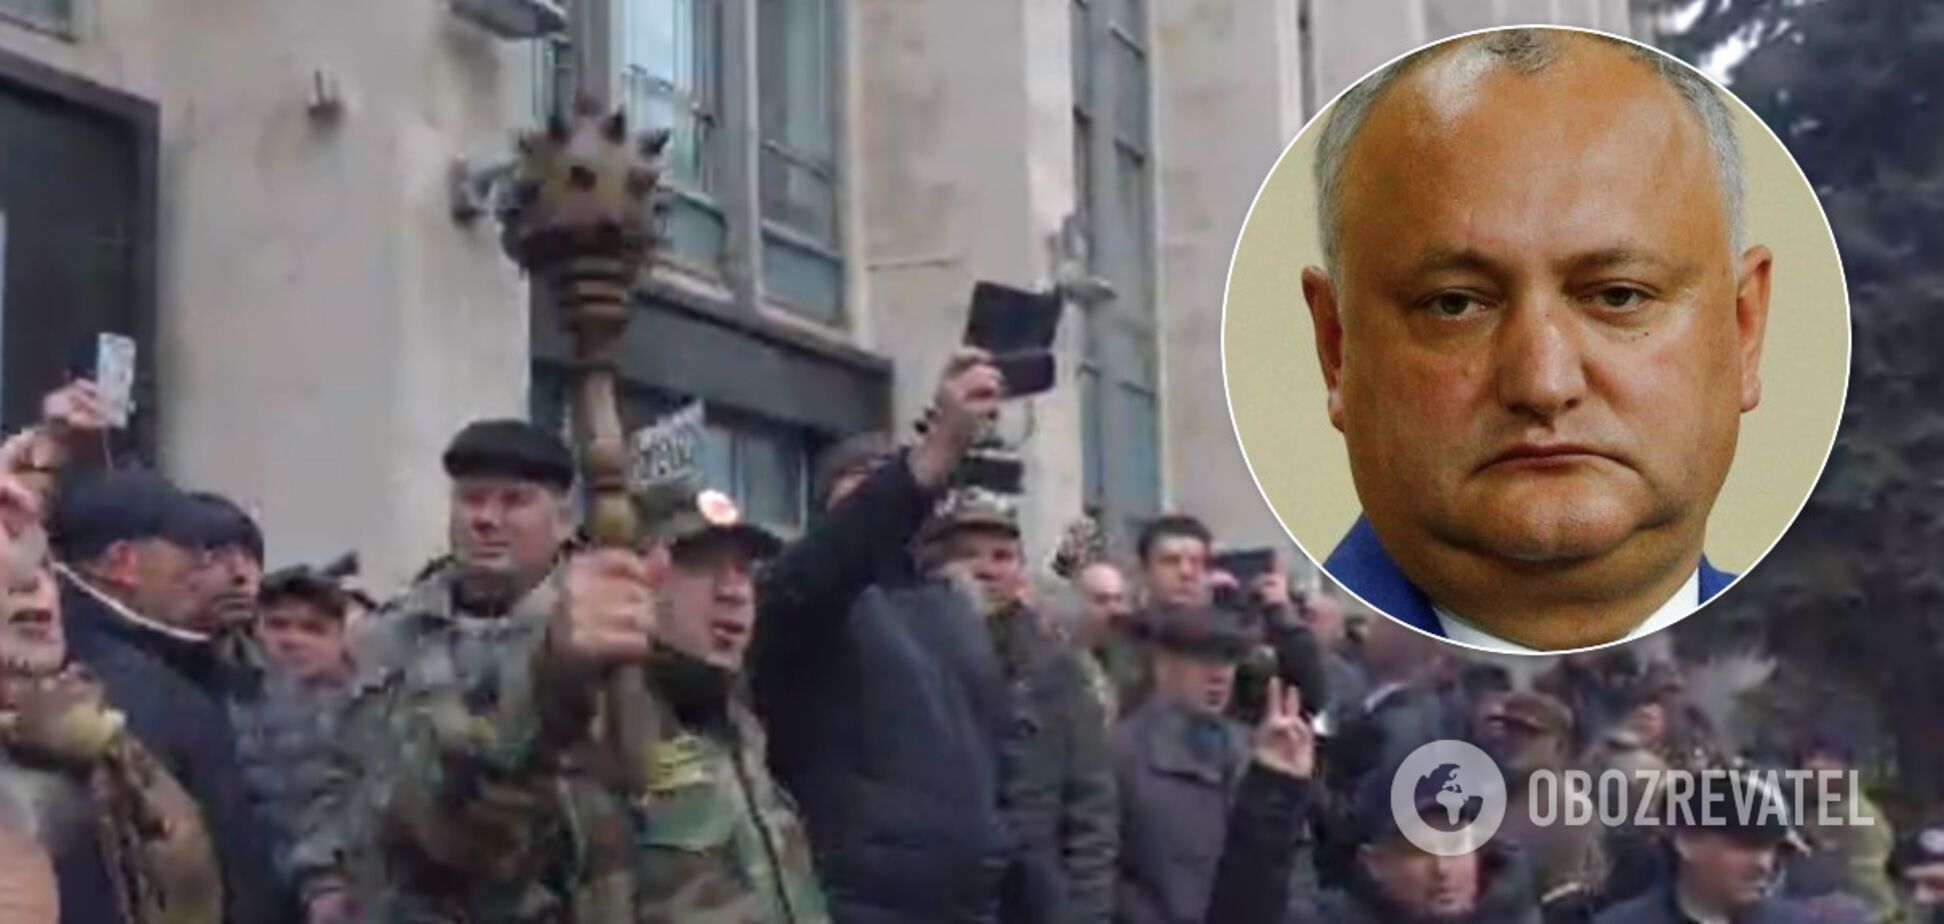 В Молдове штурмовали Кабмин из-за курса на Россию. Фото и видео